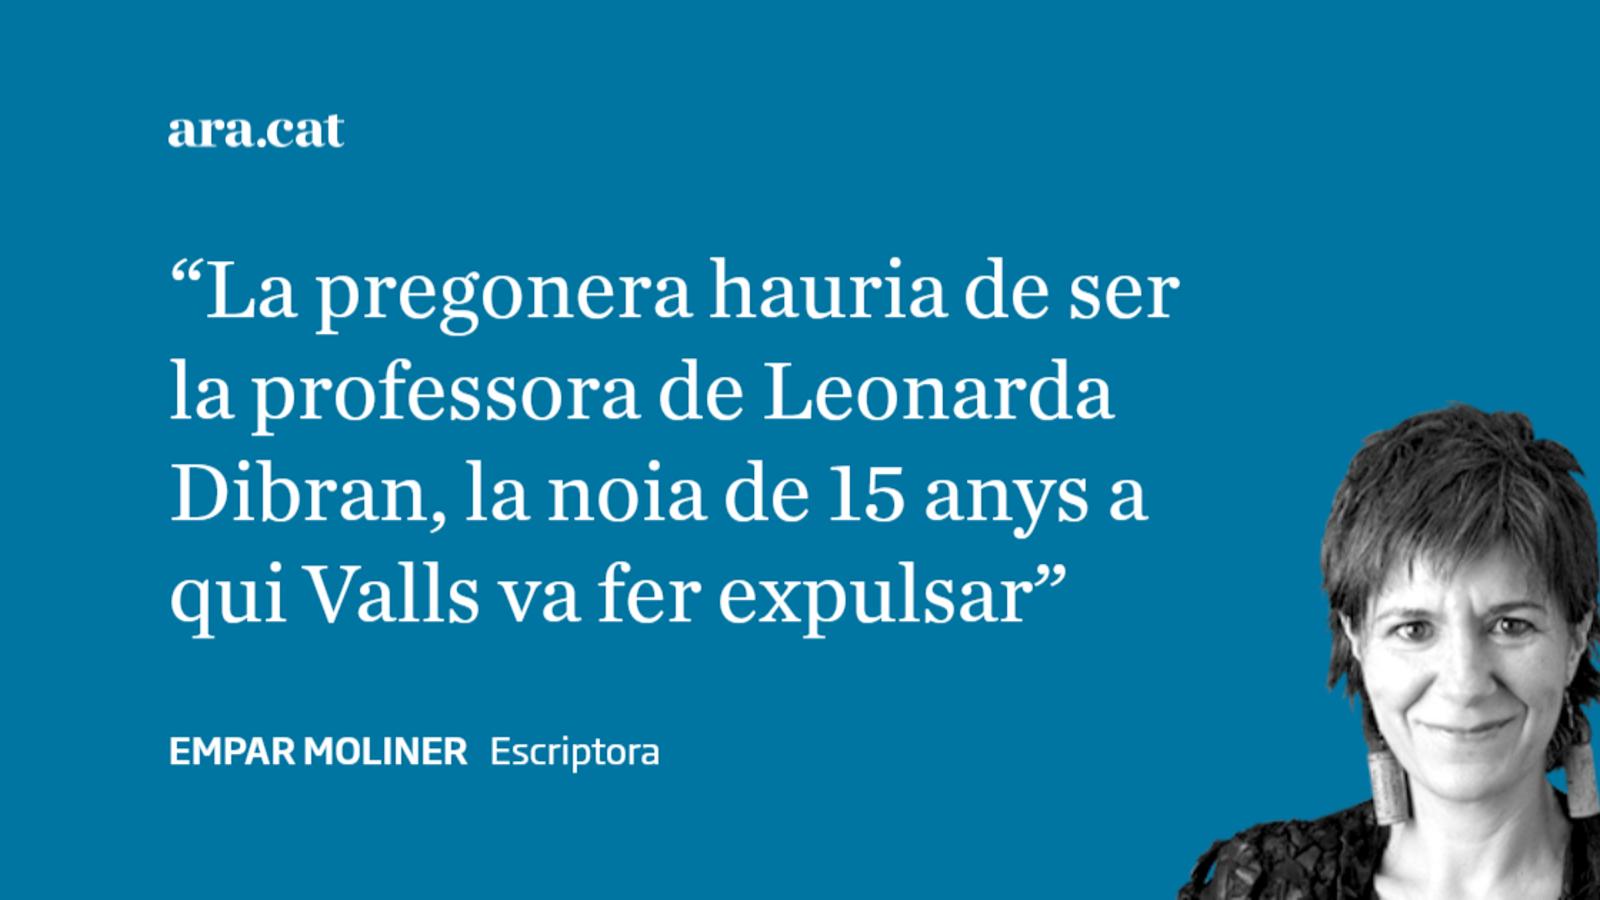 Valls i la pregonera